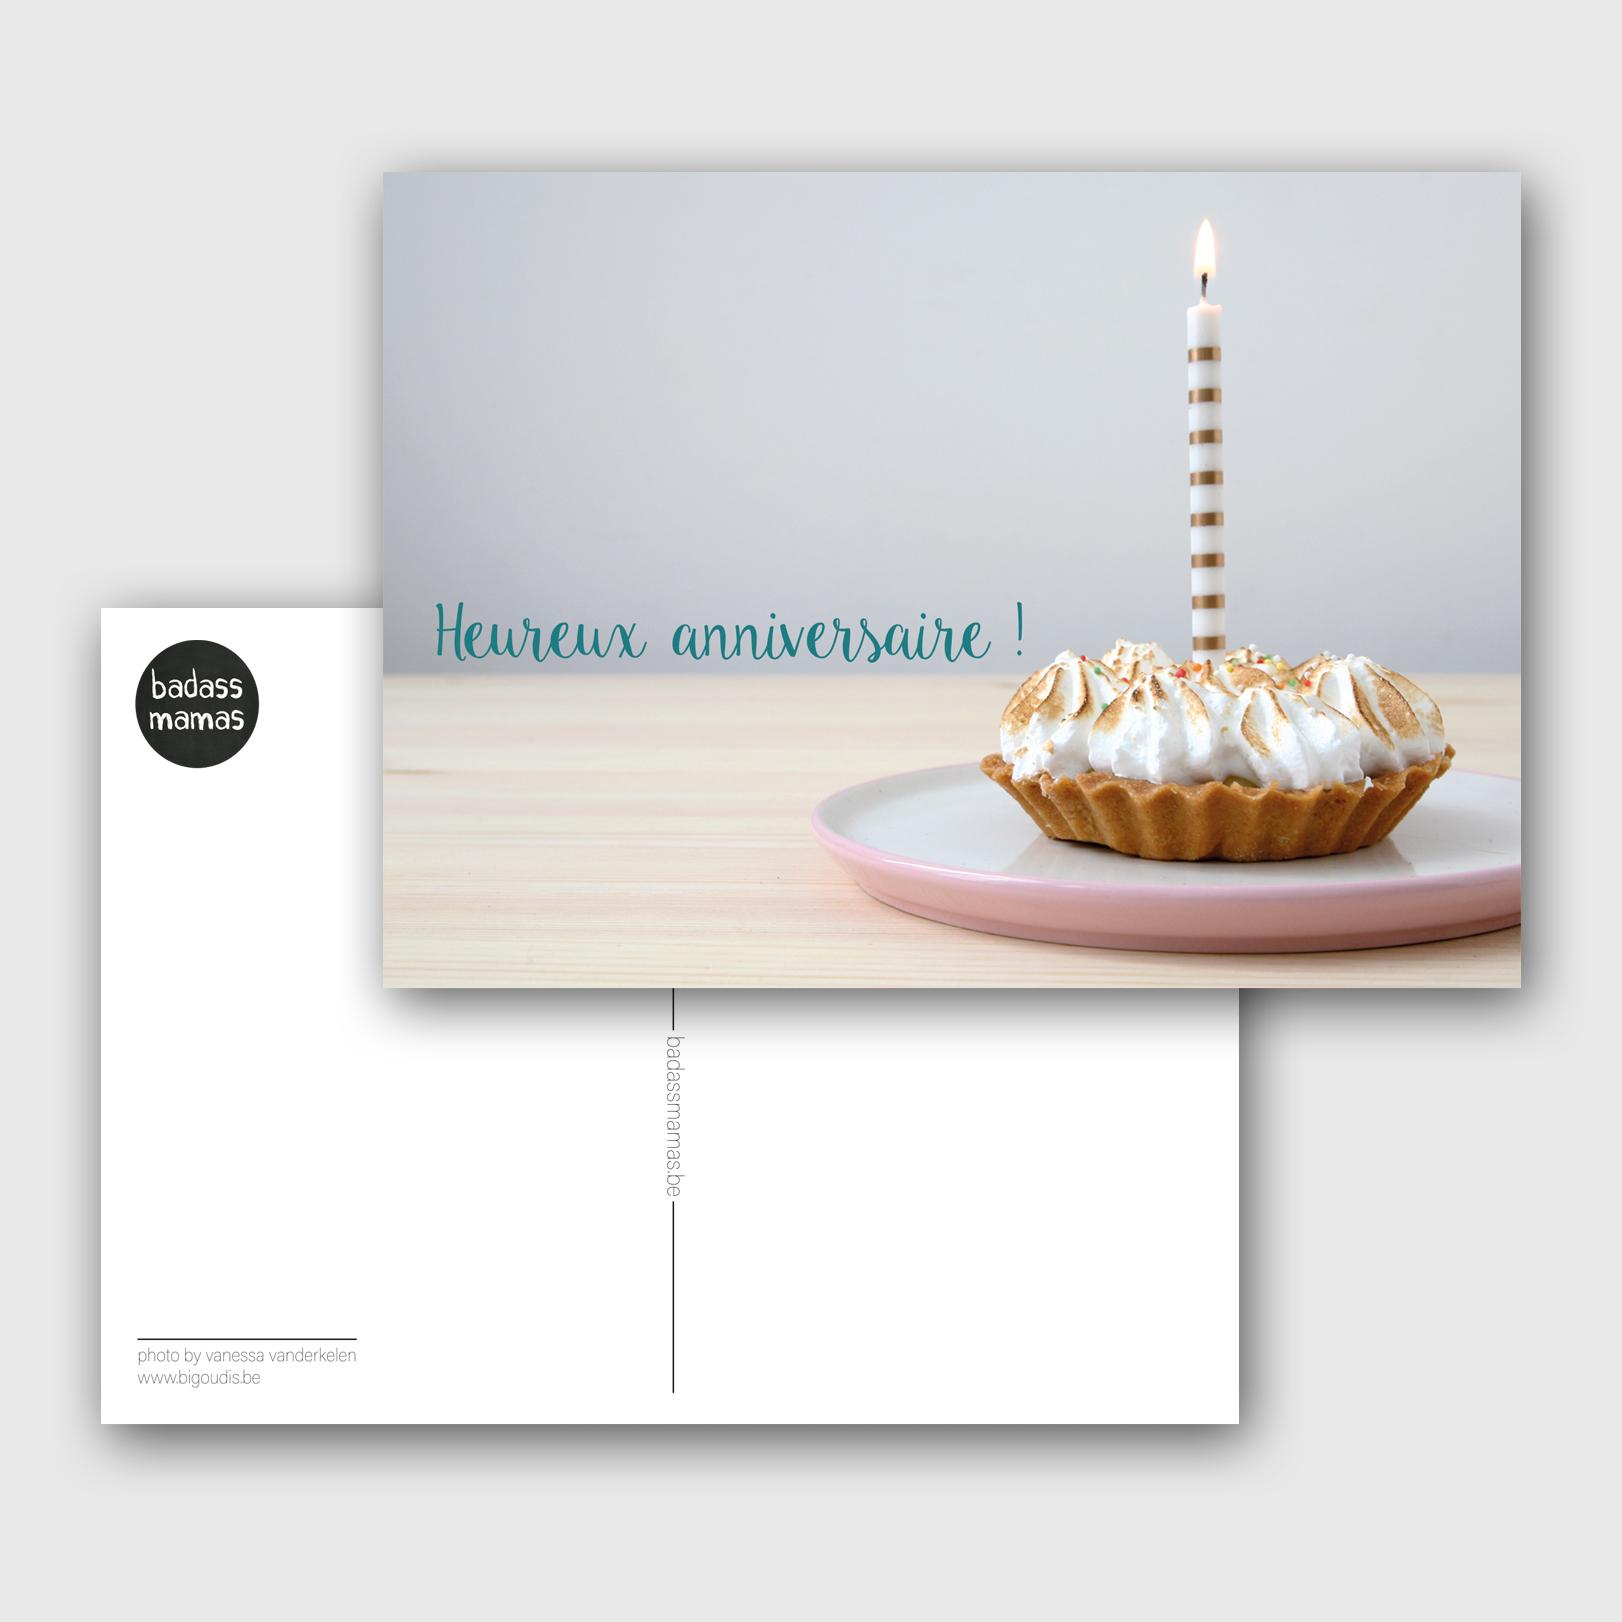 carte postale heureux anniversaire